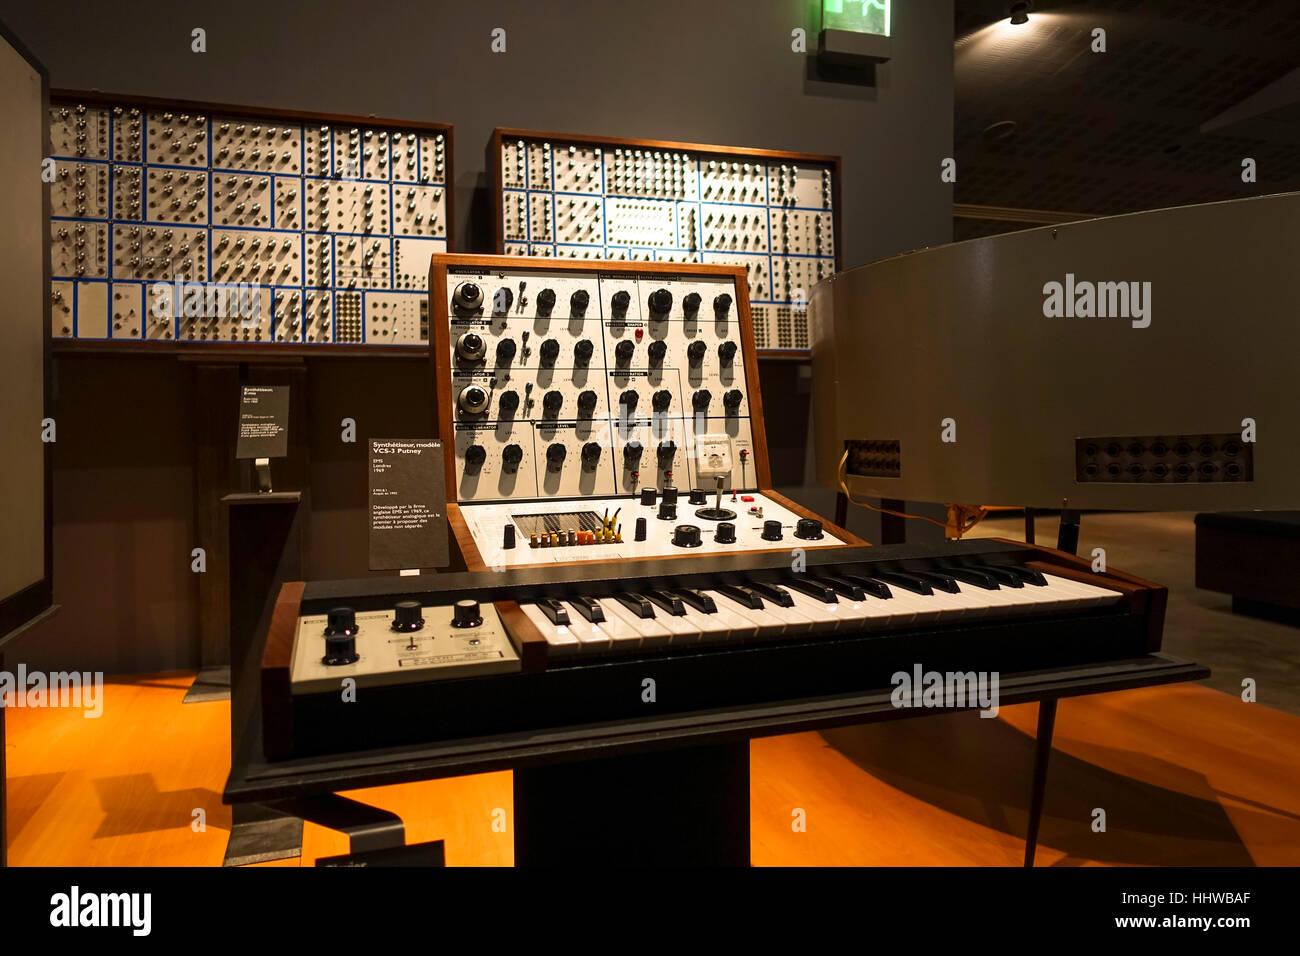 Old retro synthesizer, Interior musée de la cite, museum, Cite de la musique, Paris, France. - Stock Image